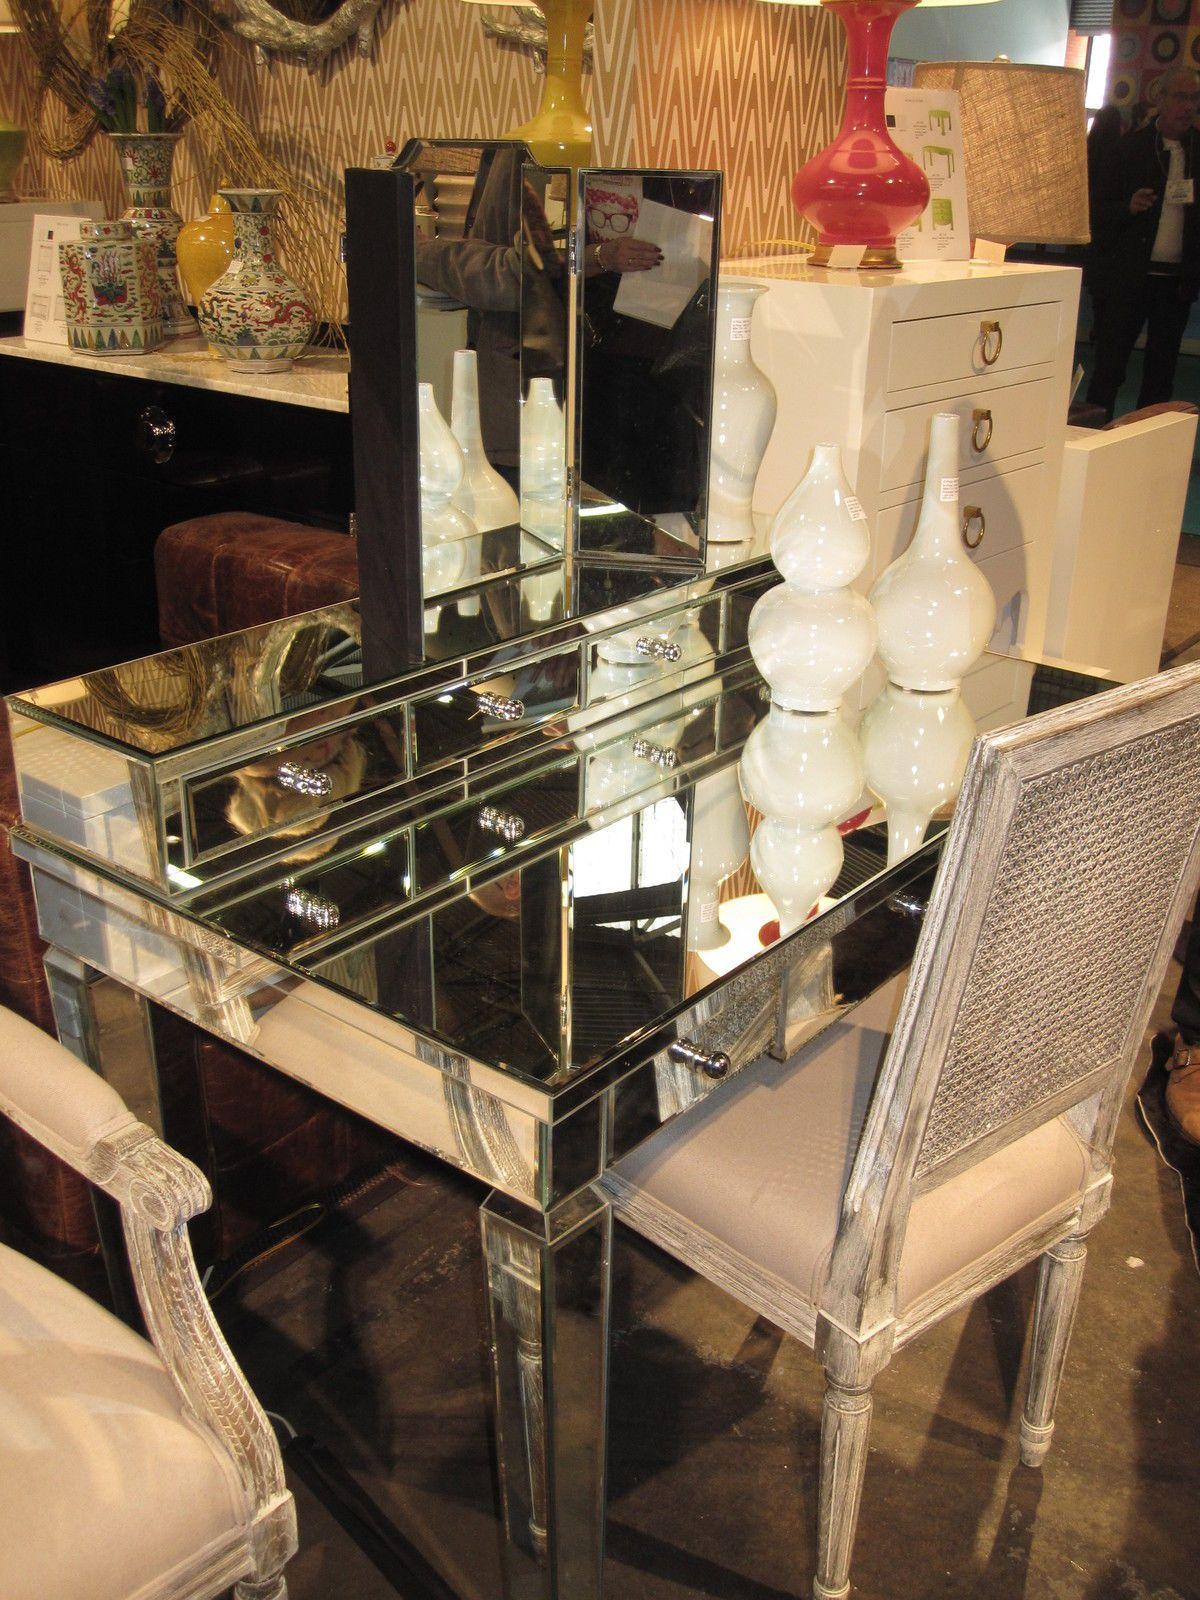 44 w 7 drawer beveled mirrored desk vanity w mirror hollywood 44 w 7 drawer beveled mirrored desk vanity w mirror hollywood regency glam geotapseo Gallery